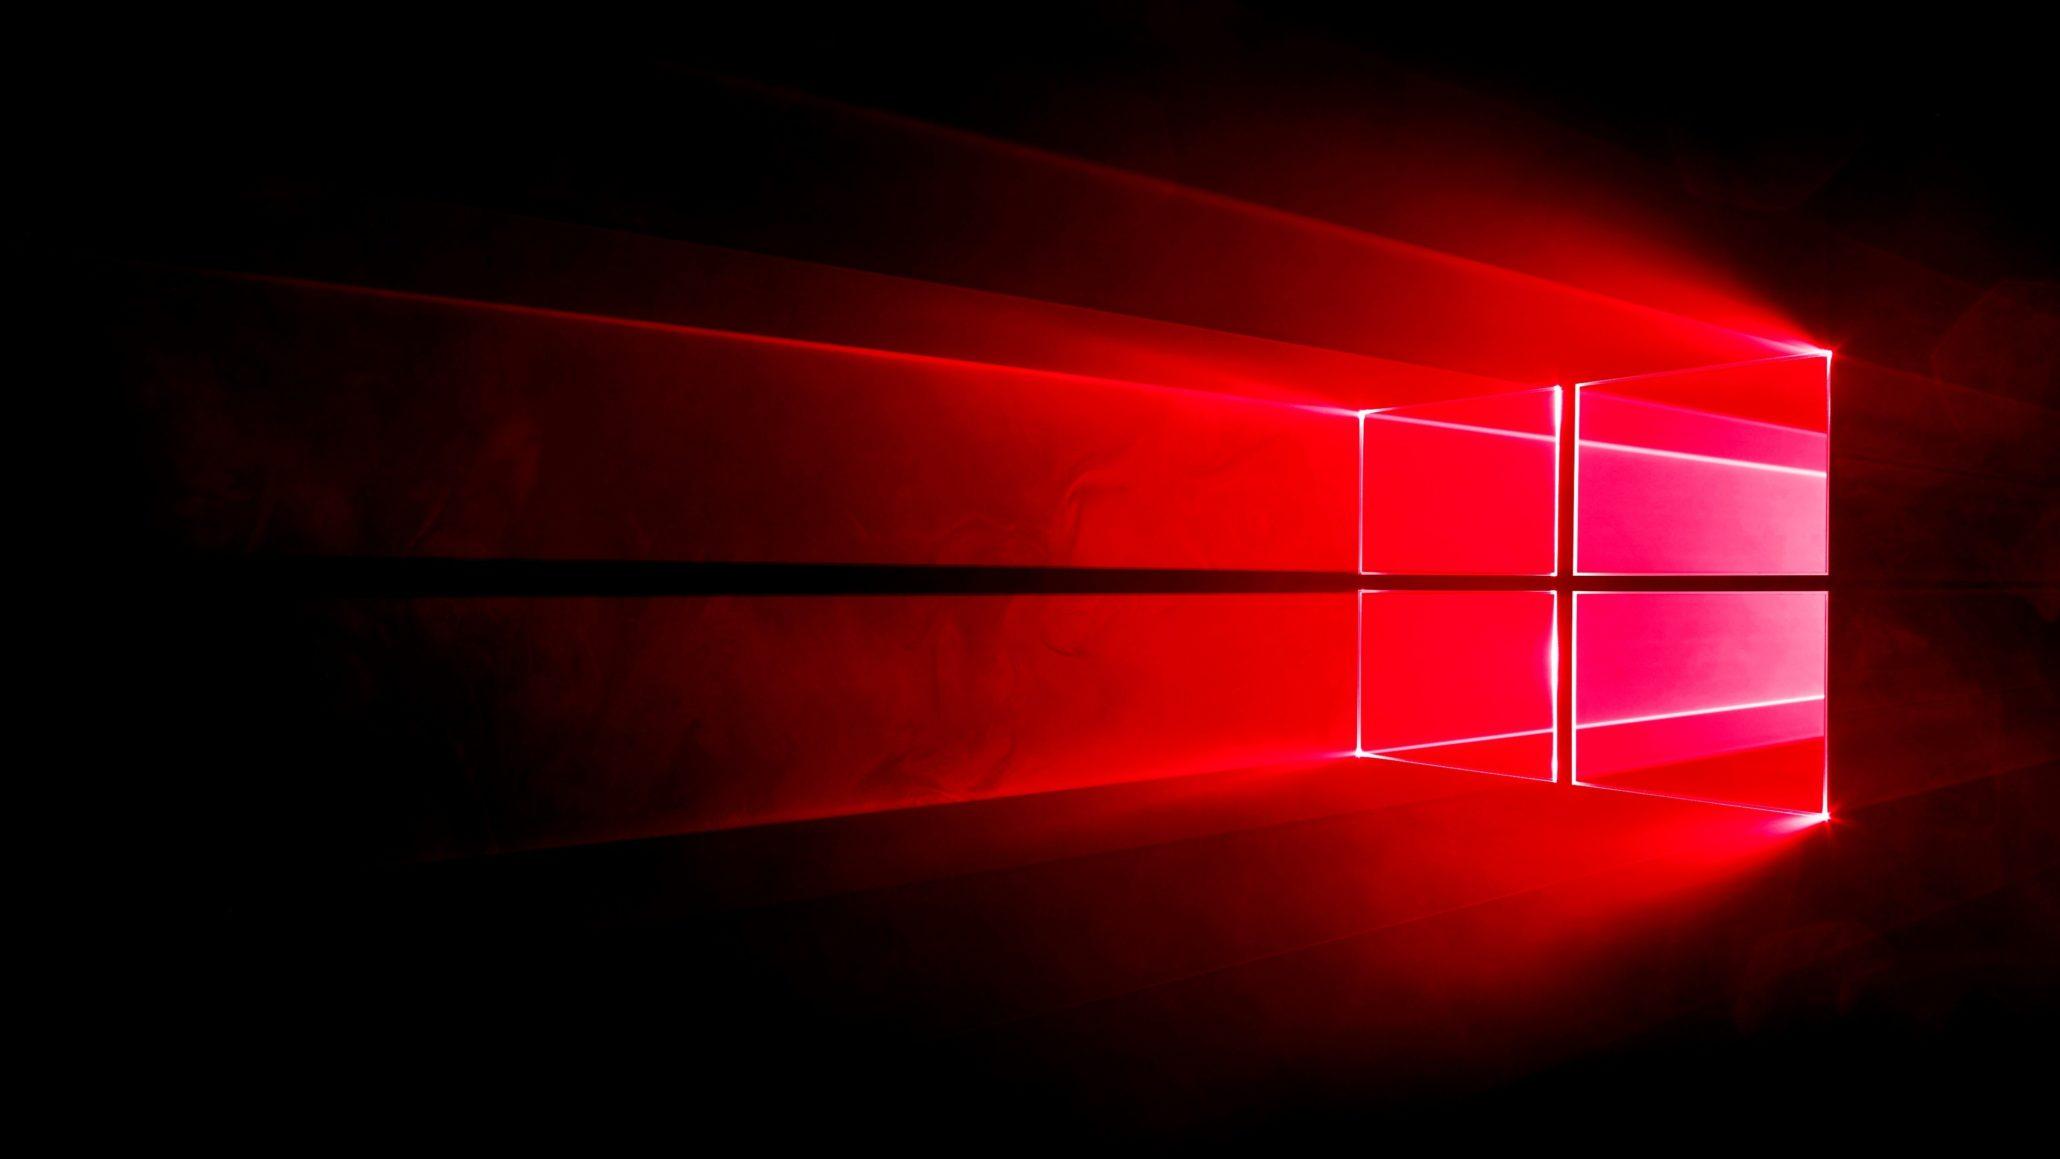 Windows 10: grande update de 2020 já está pronto, mas só chega em maio